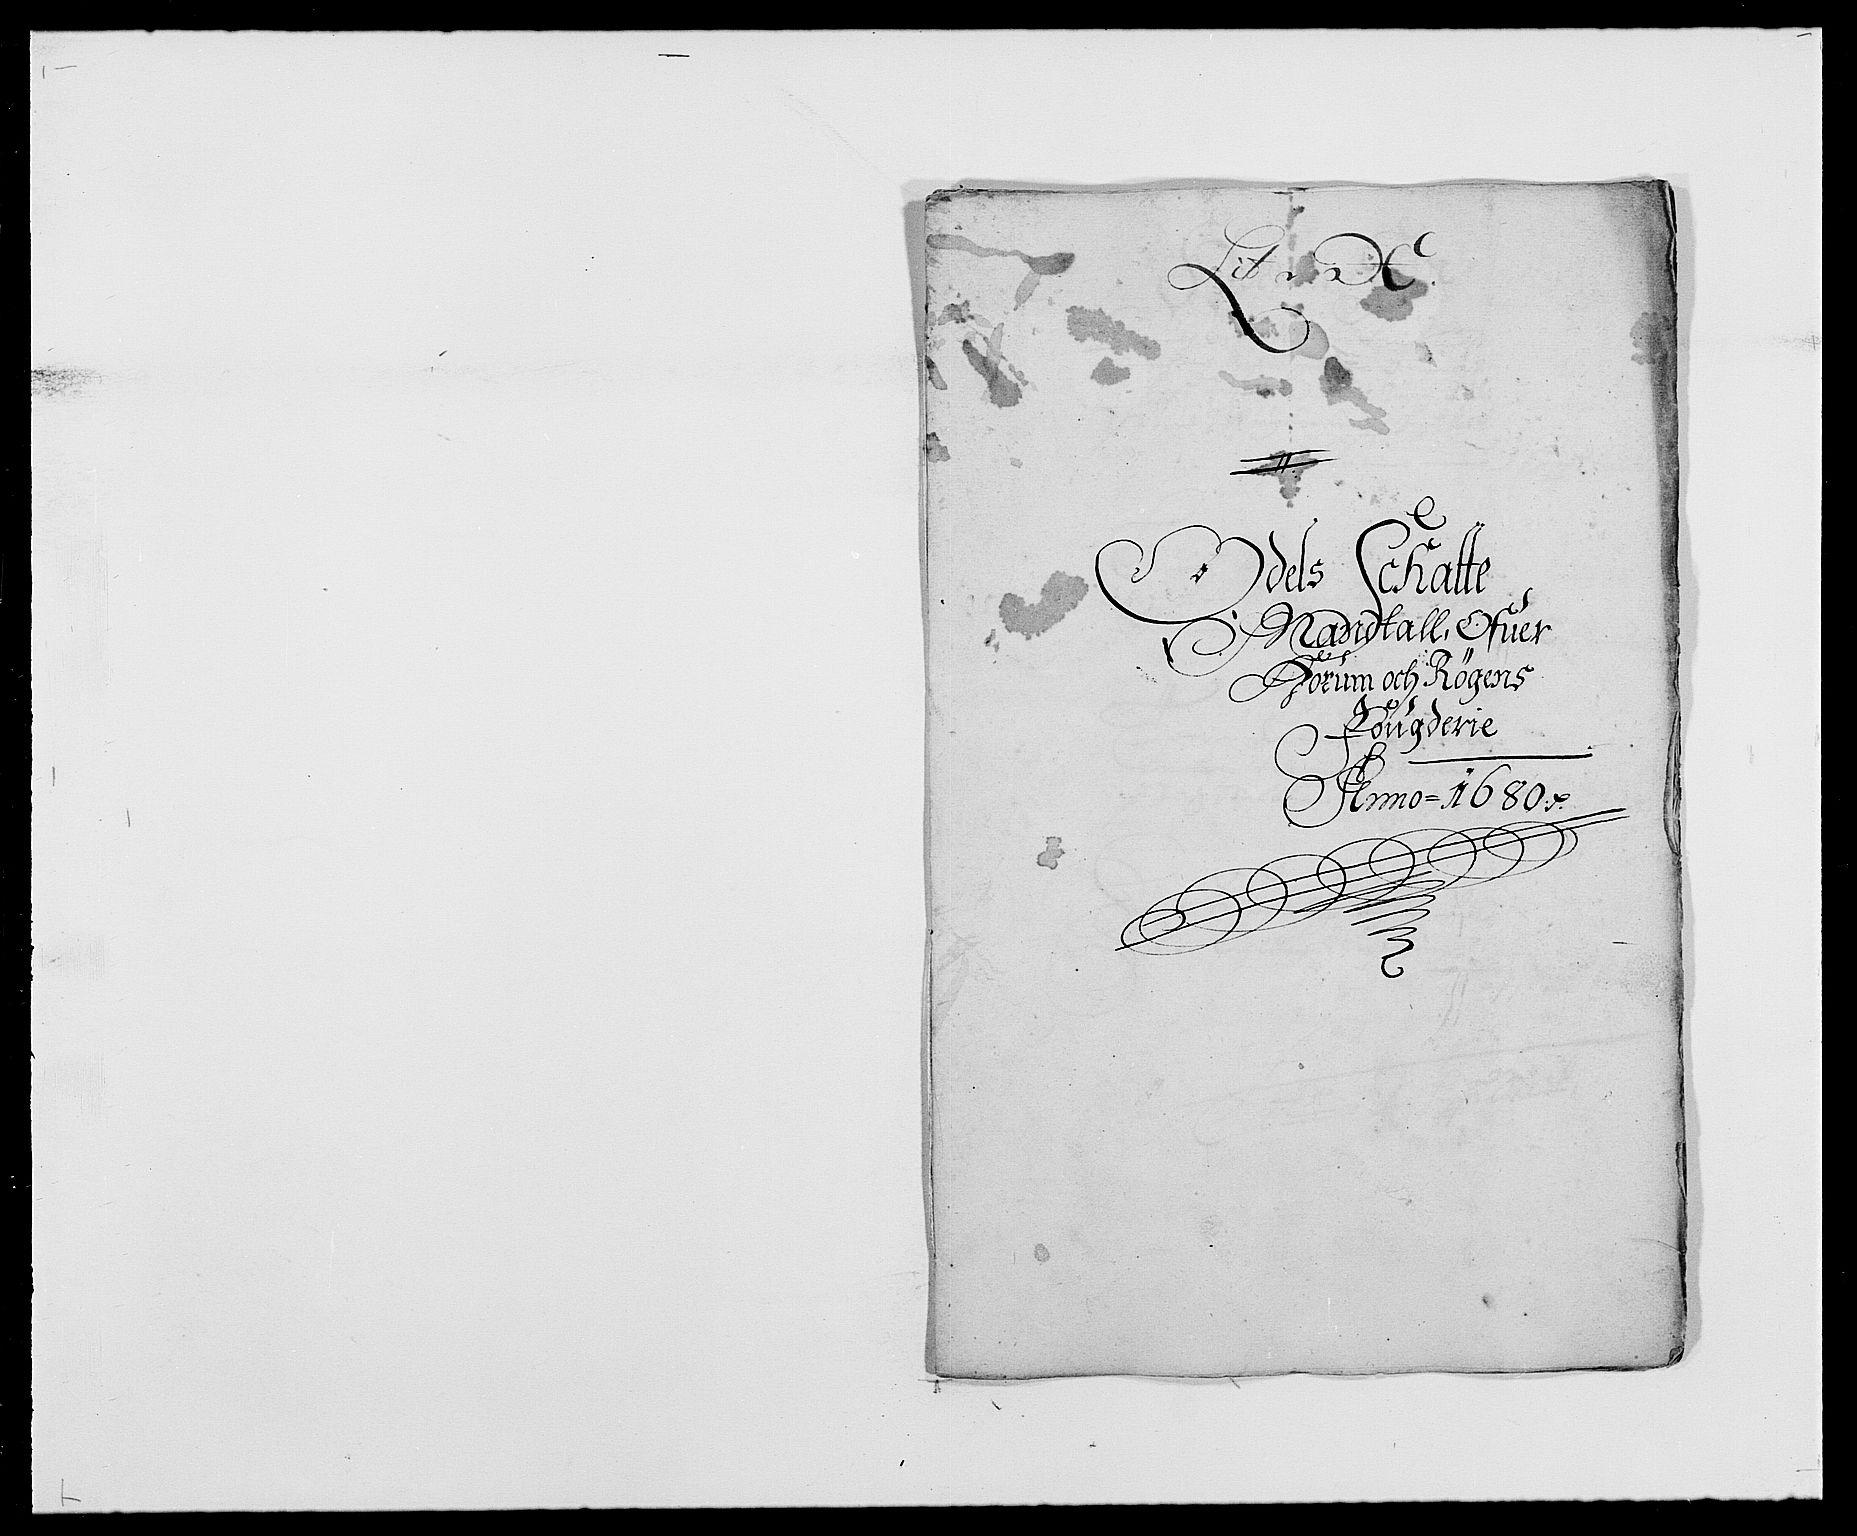 RA, Rentekammeret inntil 1814, Reviderte regnskaper, Fogderegnskap, R29/L1691: Fogderegnskap Hurum og Røyken, 1678-1681, s. 299